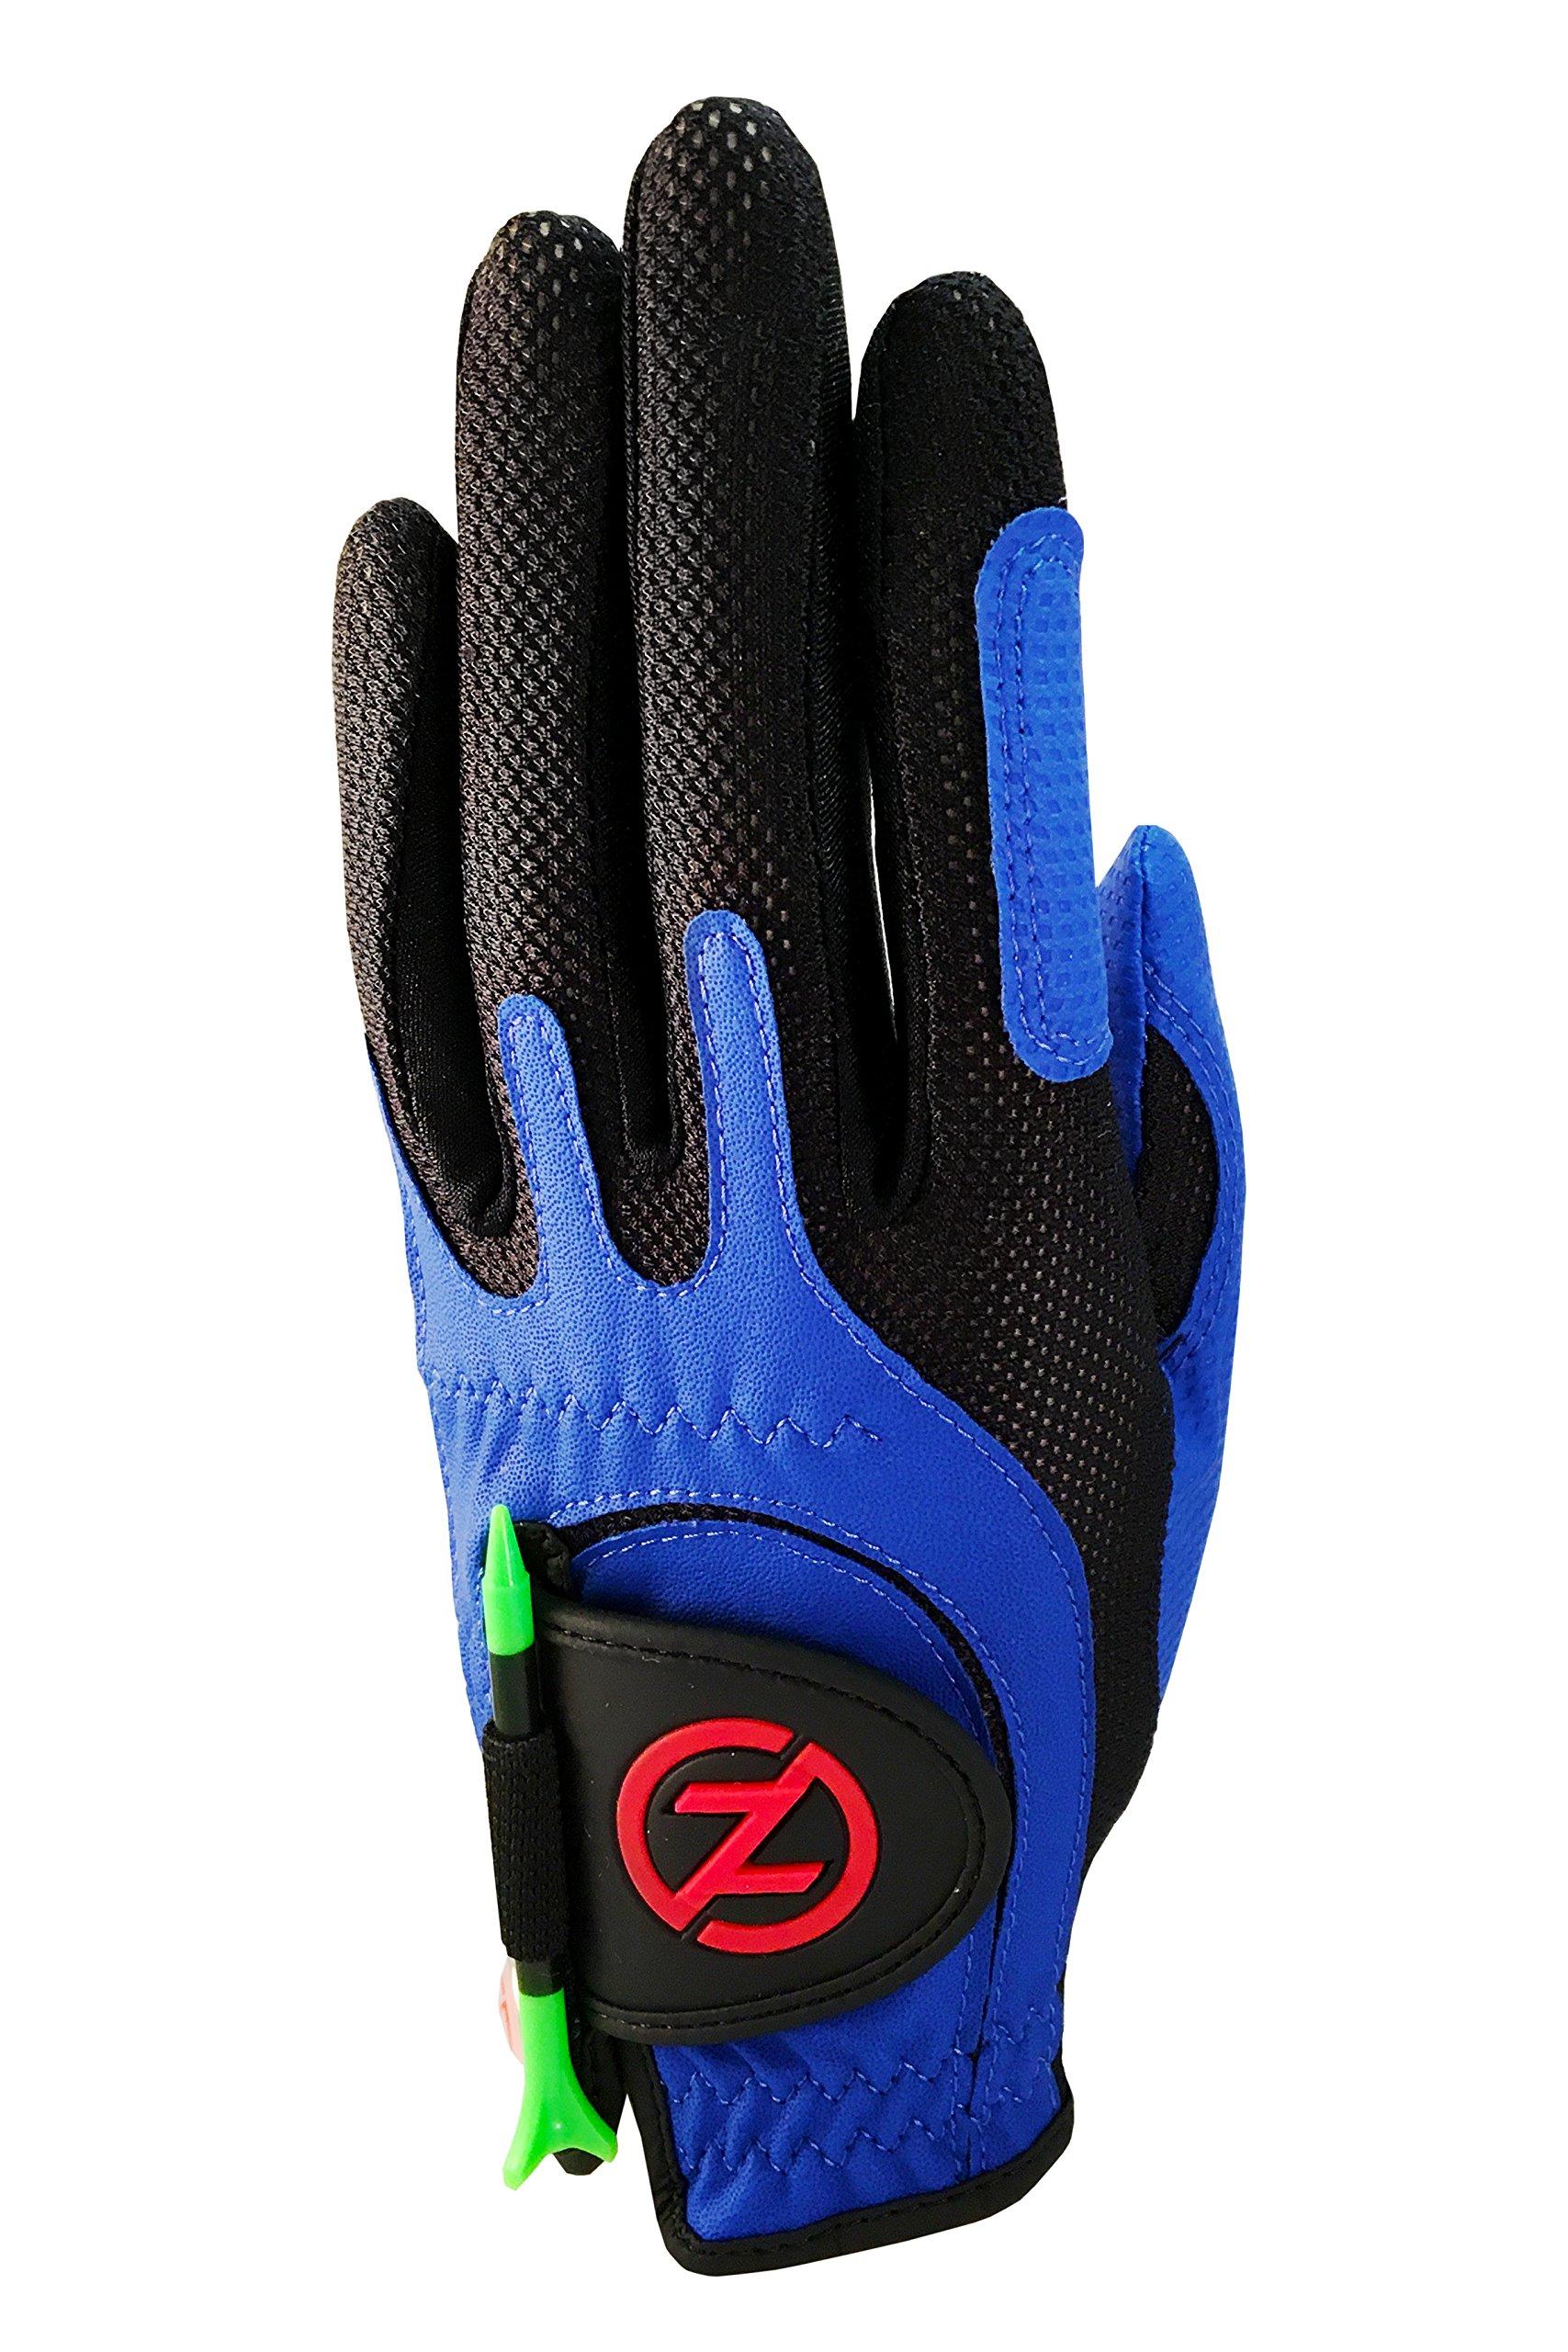 Zero Friction Junior Golf Gloves, Left Hand, One Size Golf, Blue